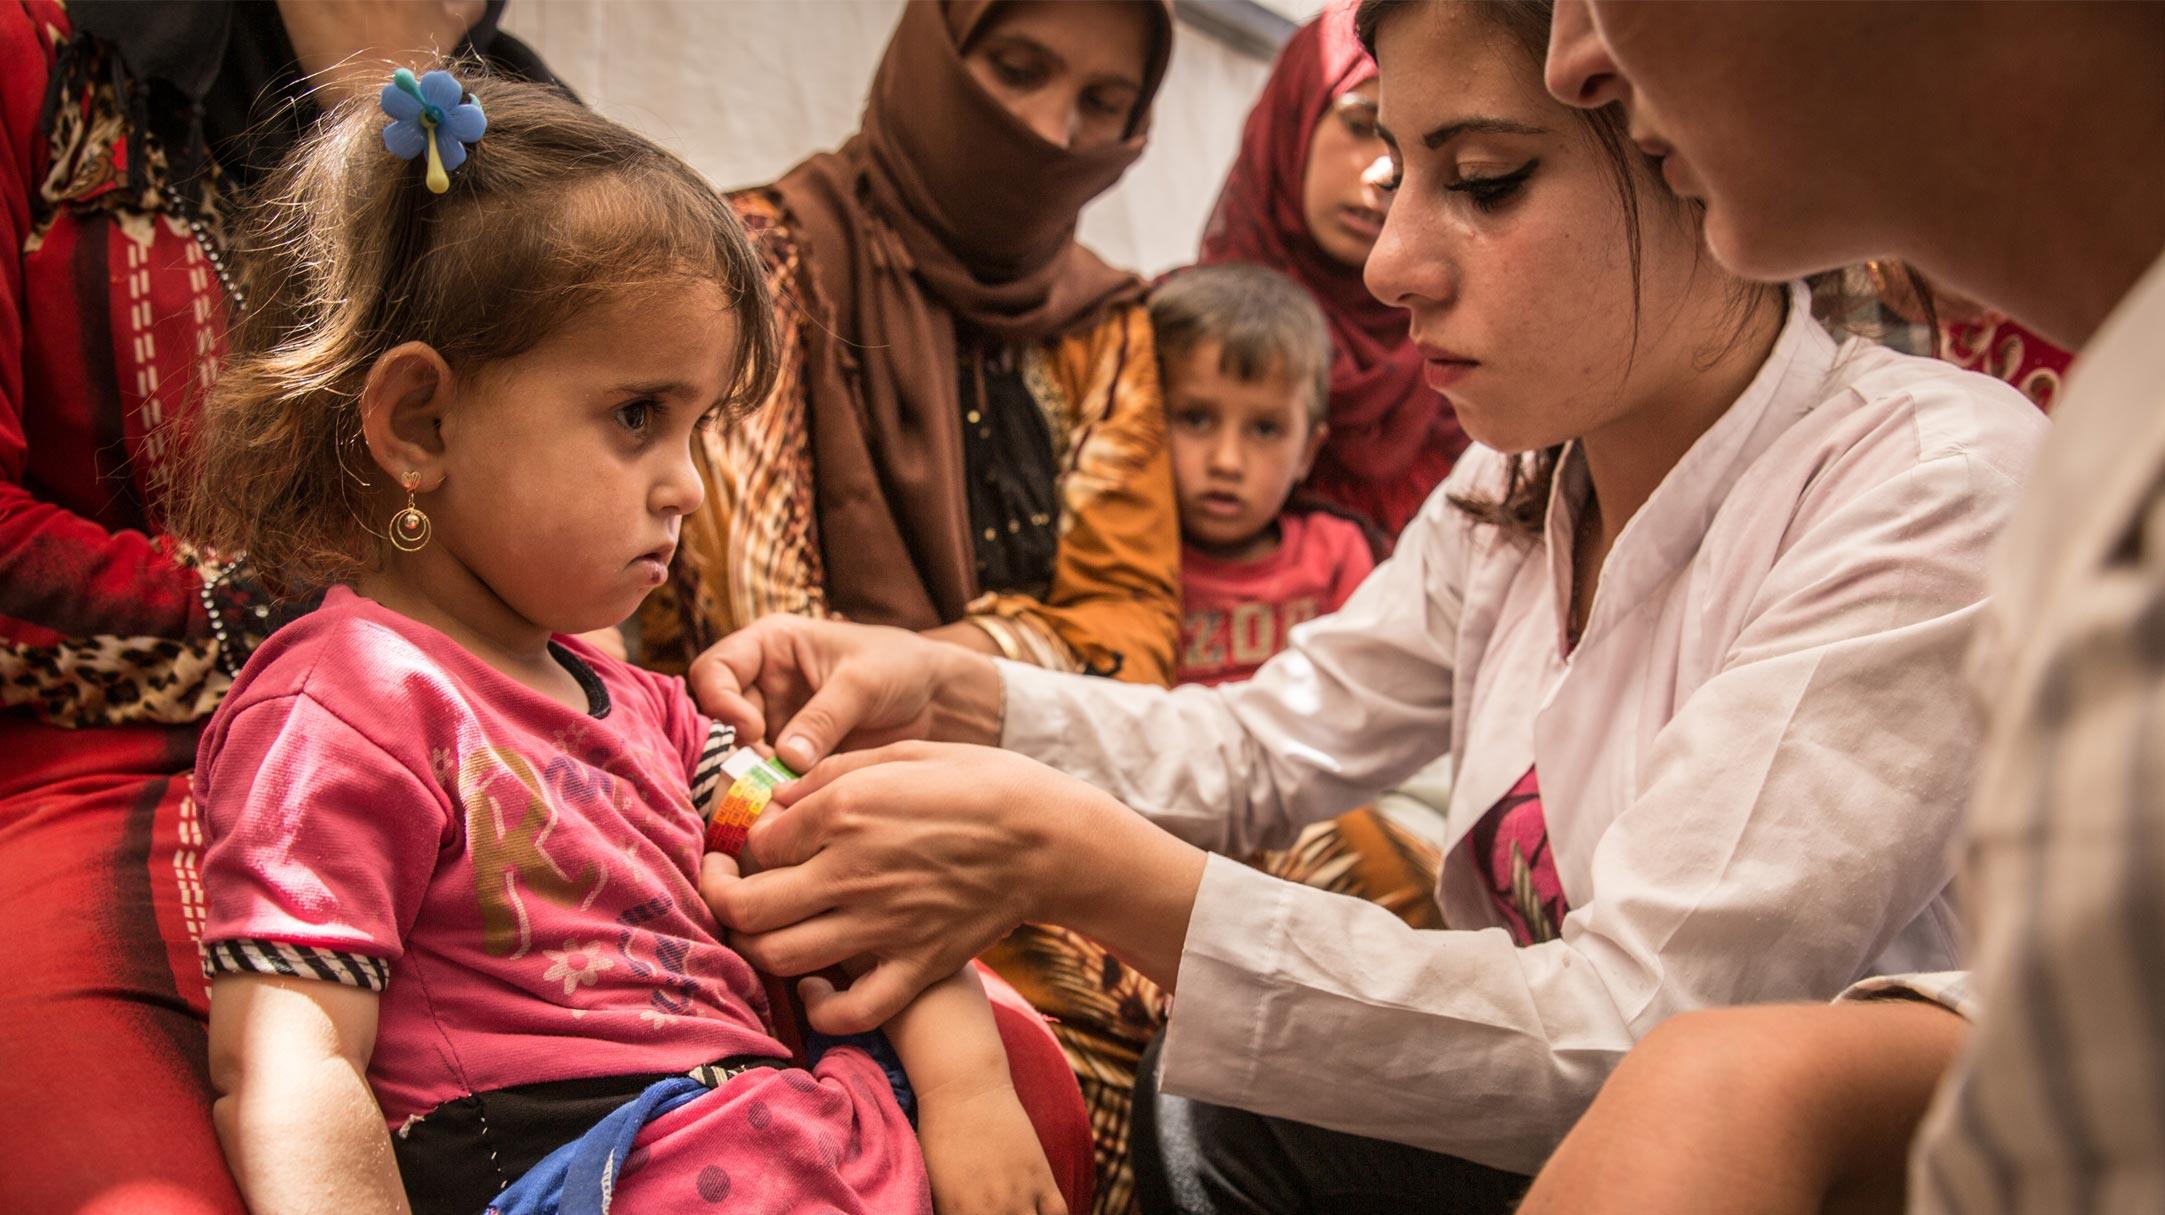 Staff di Medici Senza Frontiere fornisce cure mediche e assistenza umanitaria in Siria dal 2009